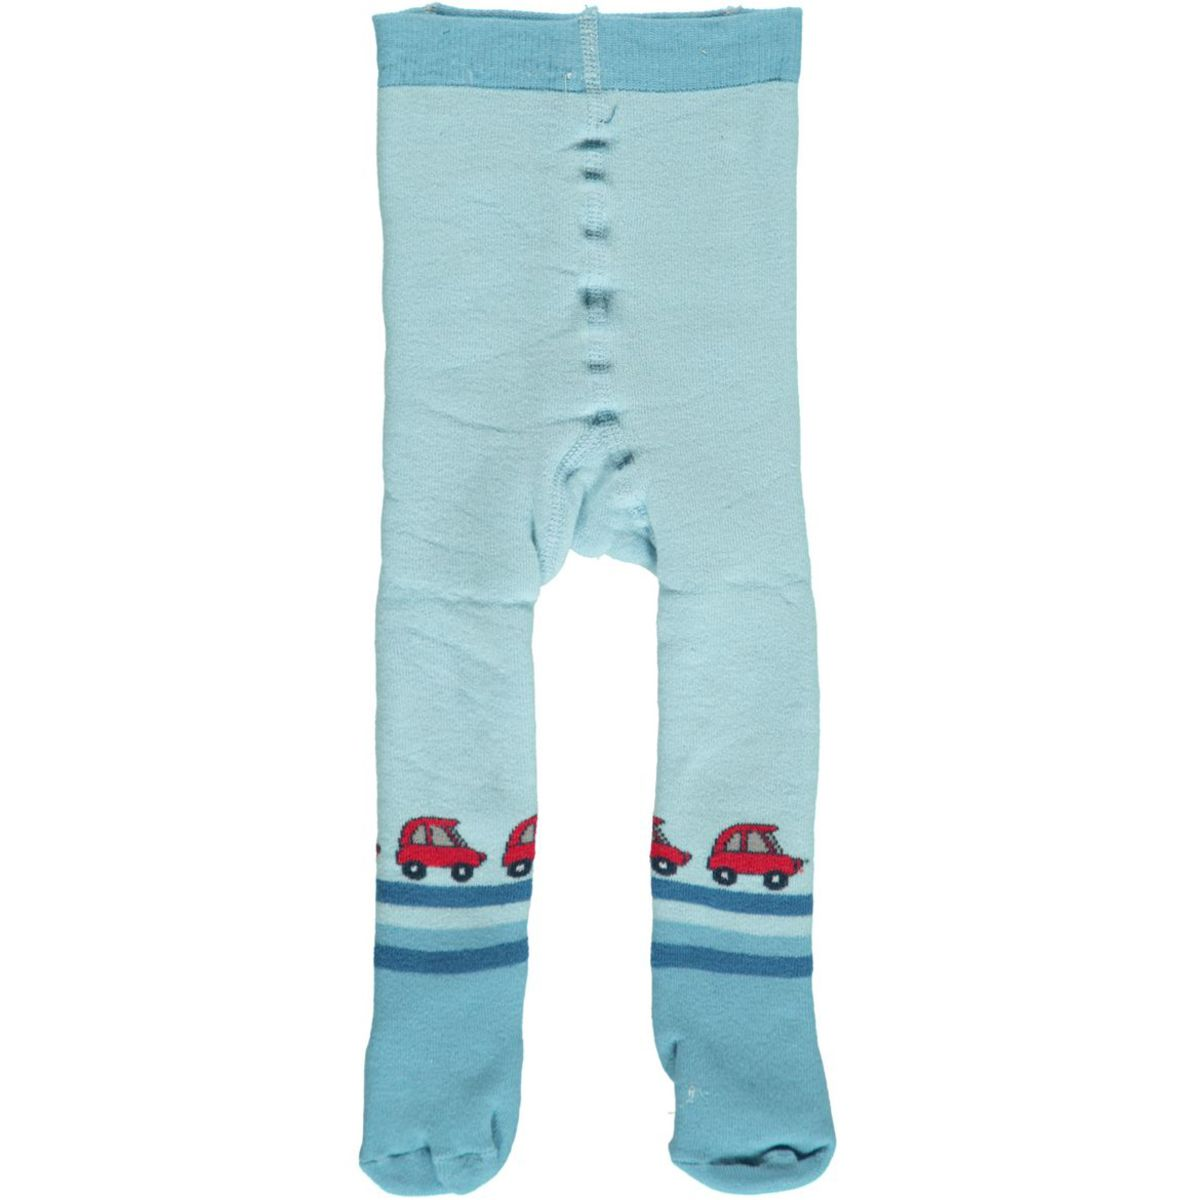 Bild 1 von Baby Thermostrumpfhose mit ABS